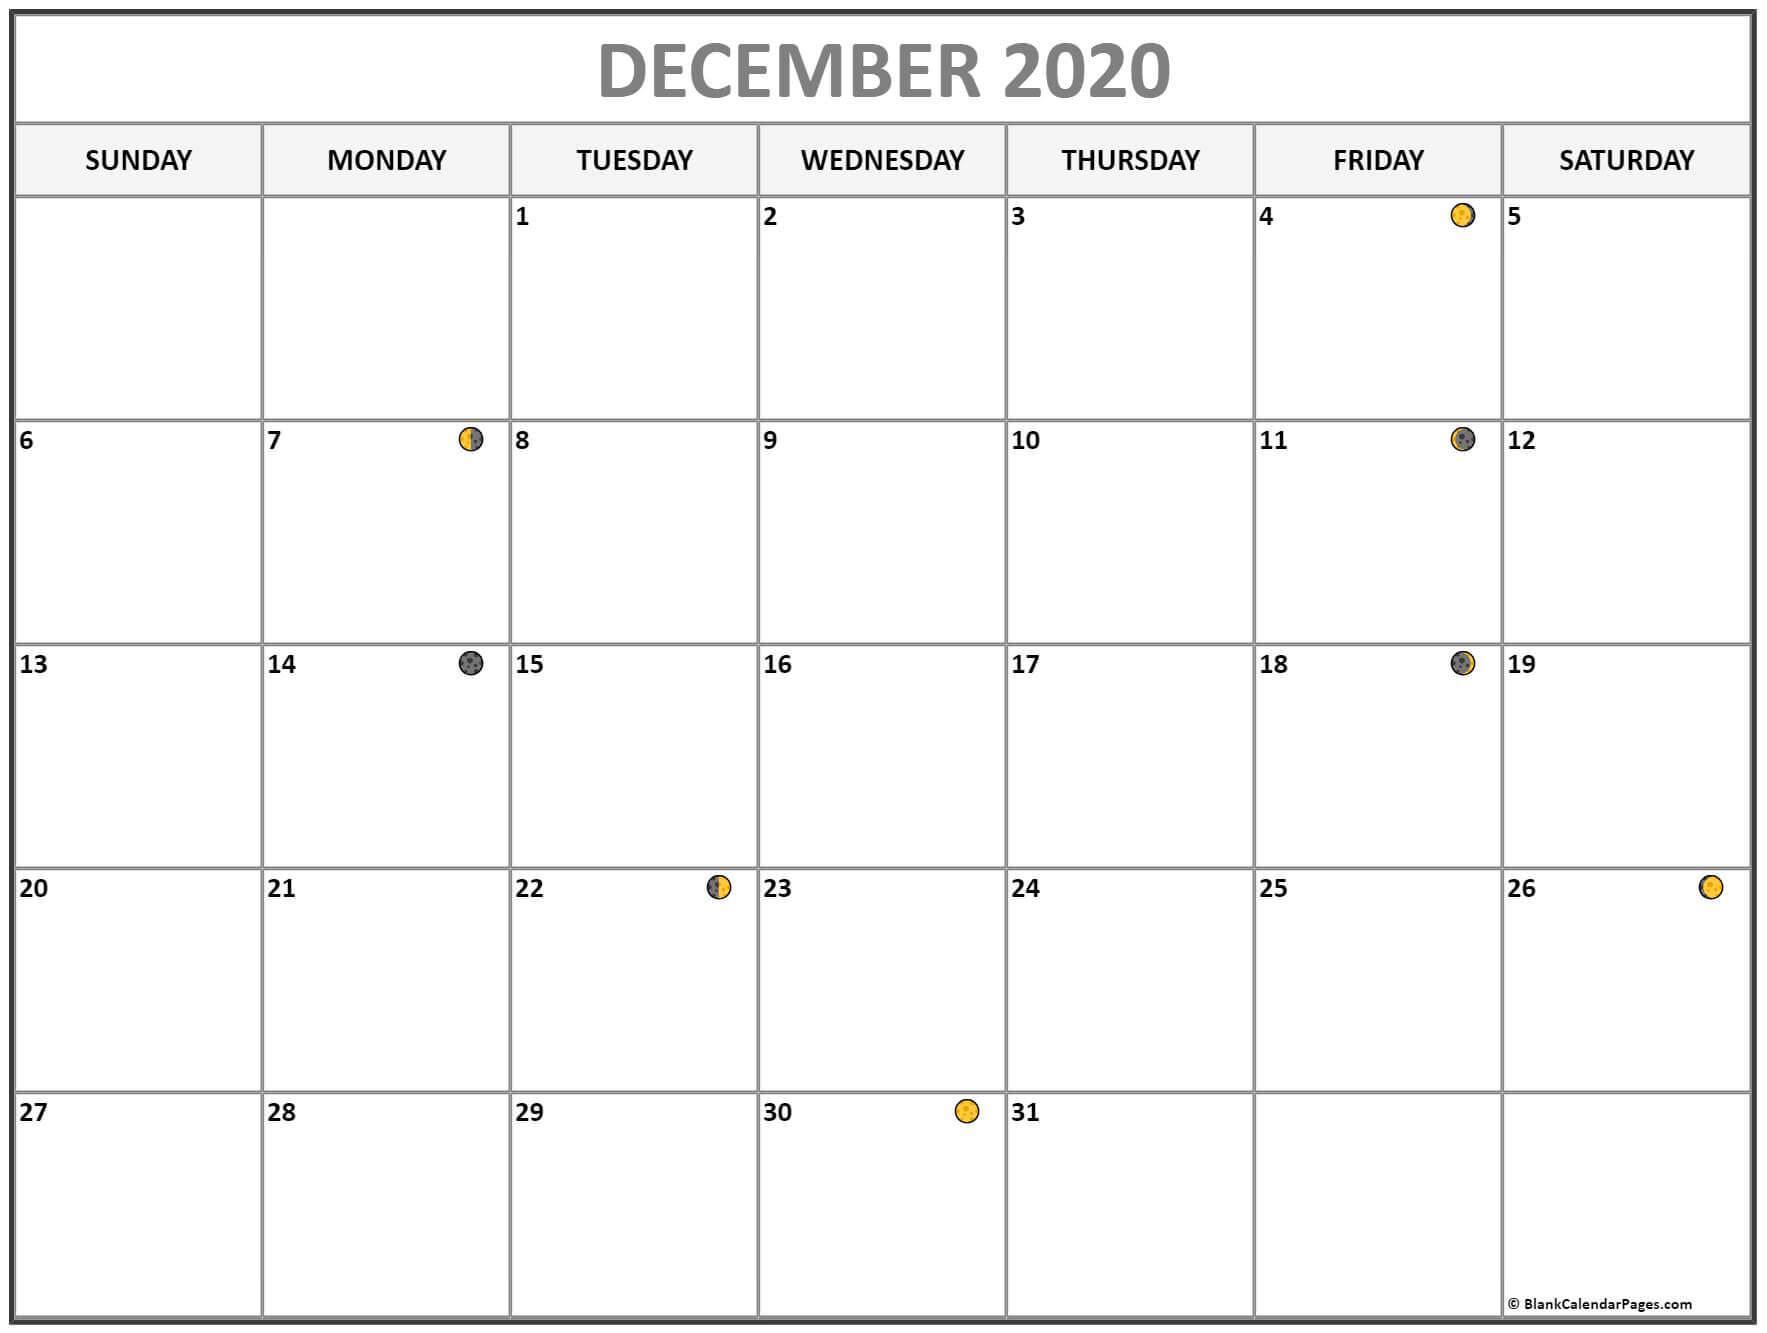 2020 December Moon Calendar